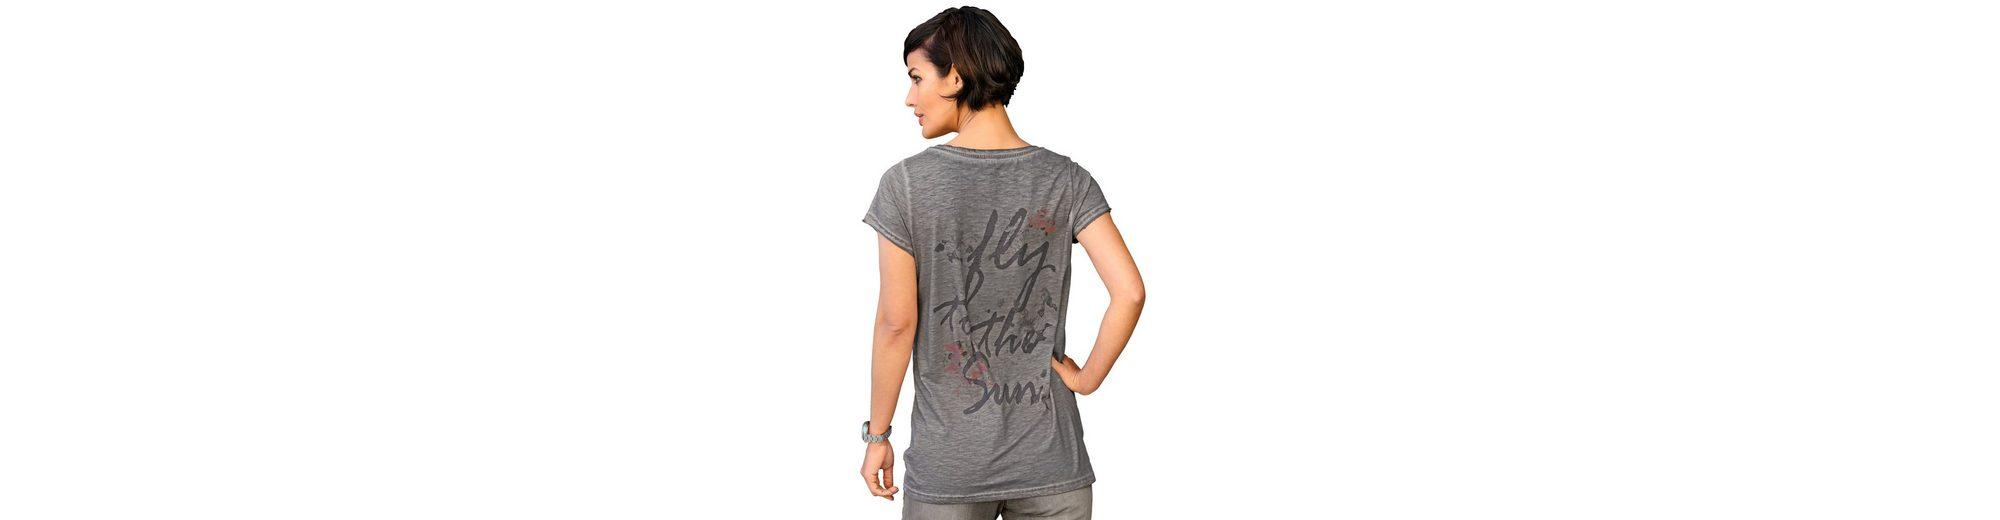 Billig Bester Verkauf Alba Moda Bedrucktes Shirt mit Spitzenbesatz Günstig Kaufen Billigsten Günstigsten Preis Zu Verkaufen jINJfo